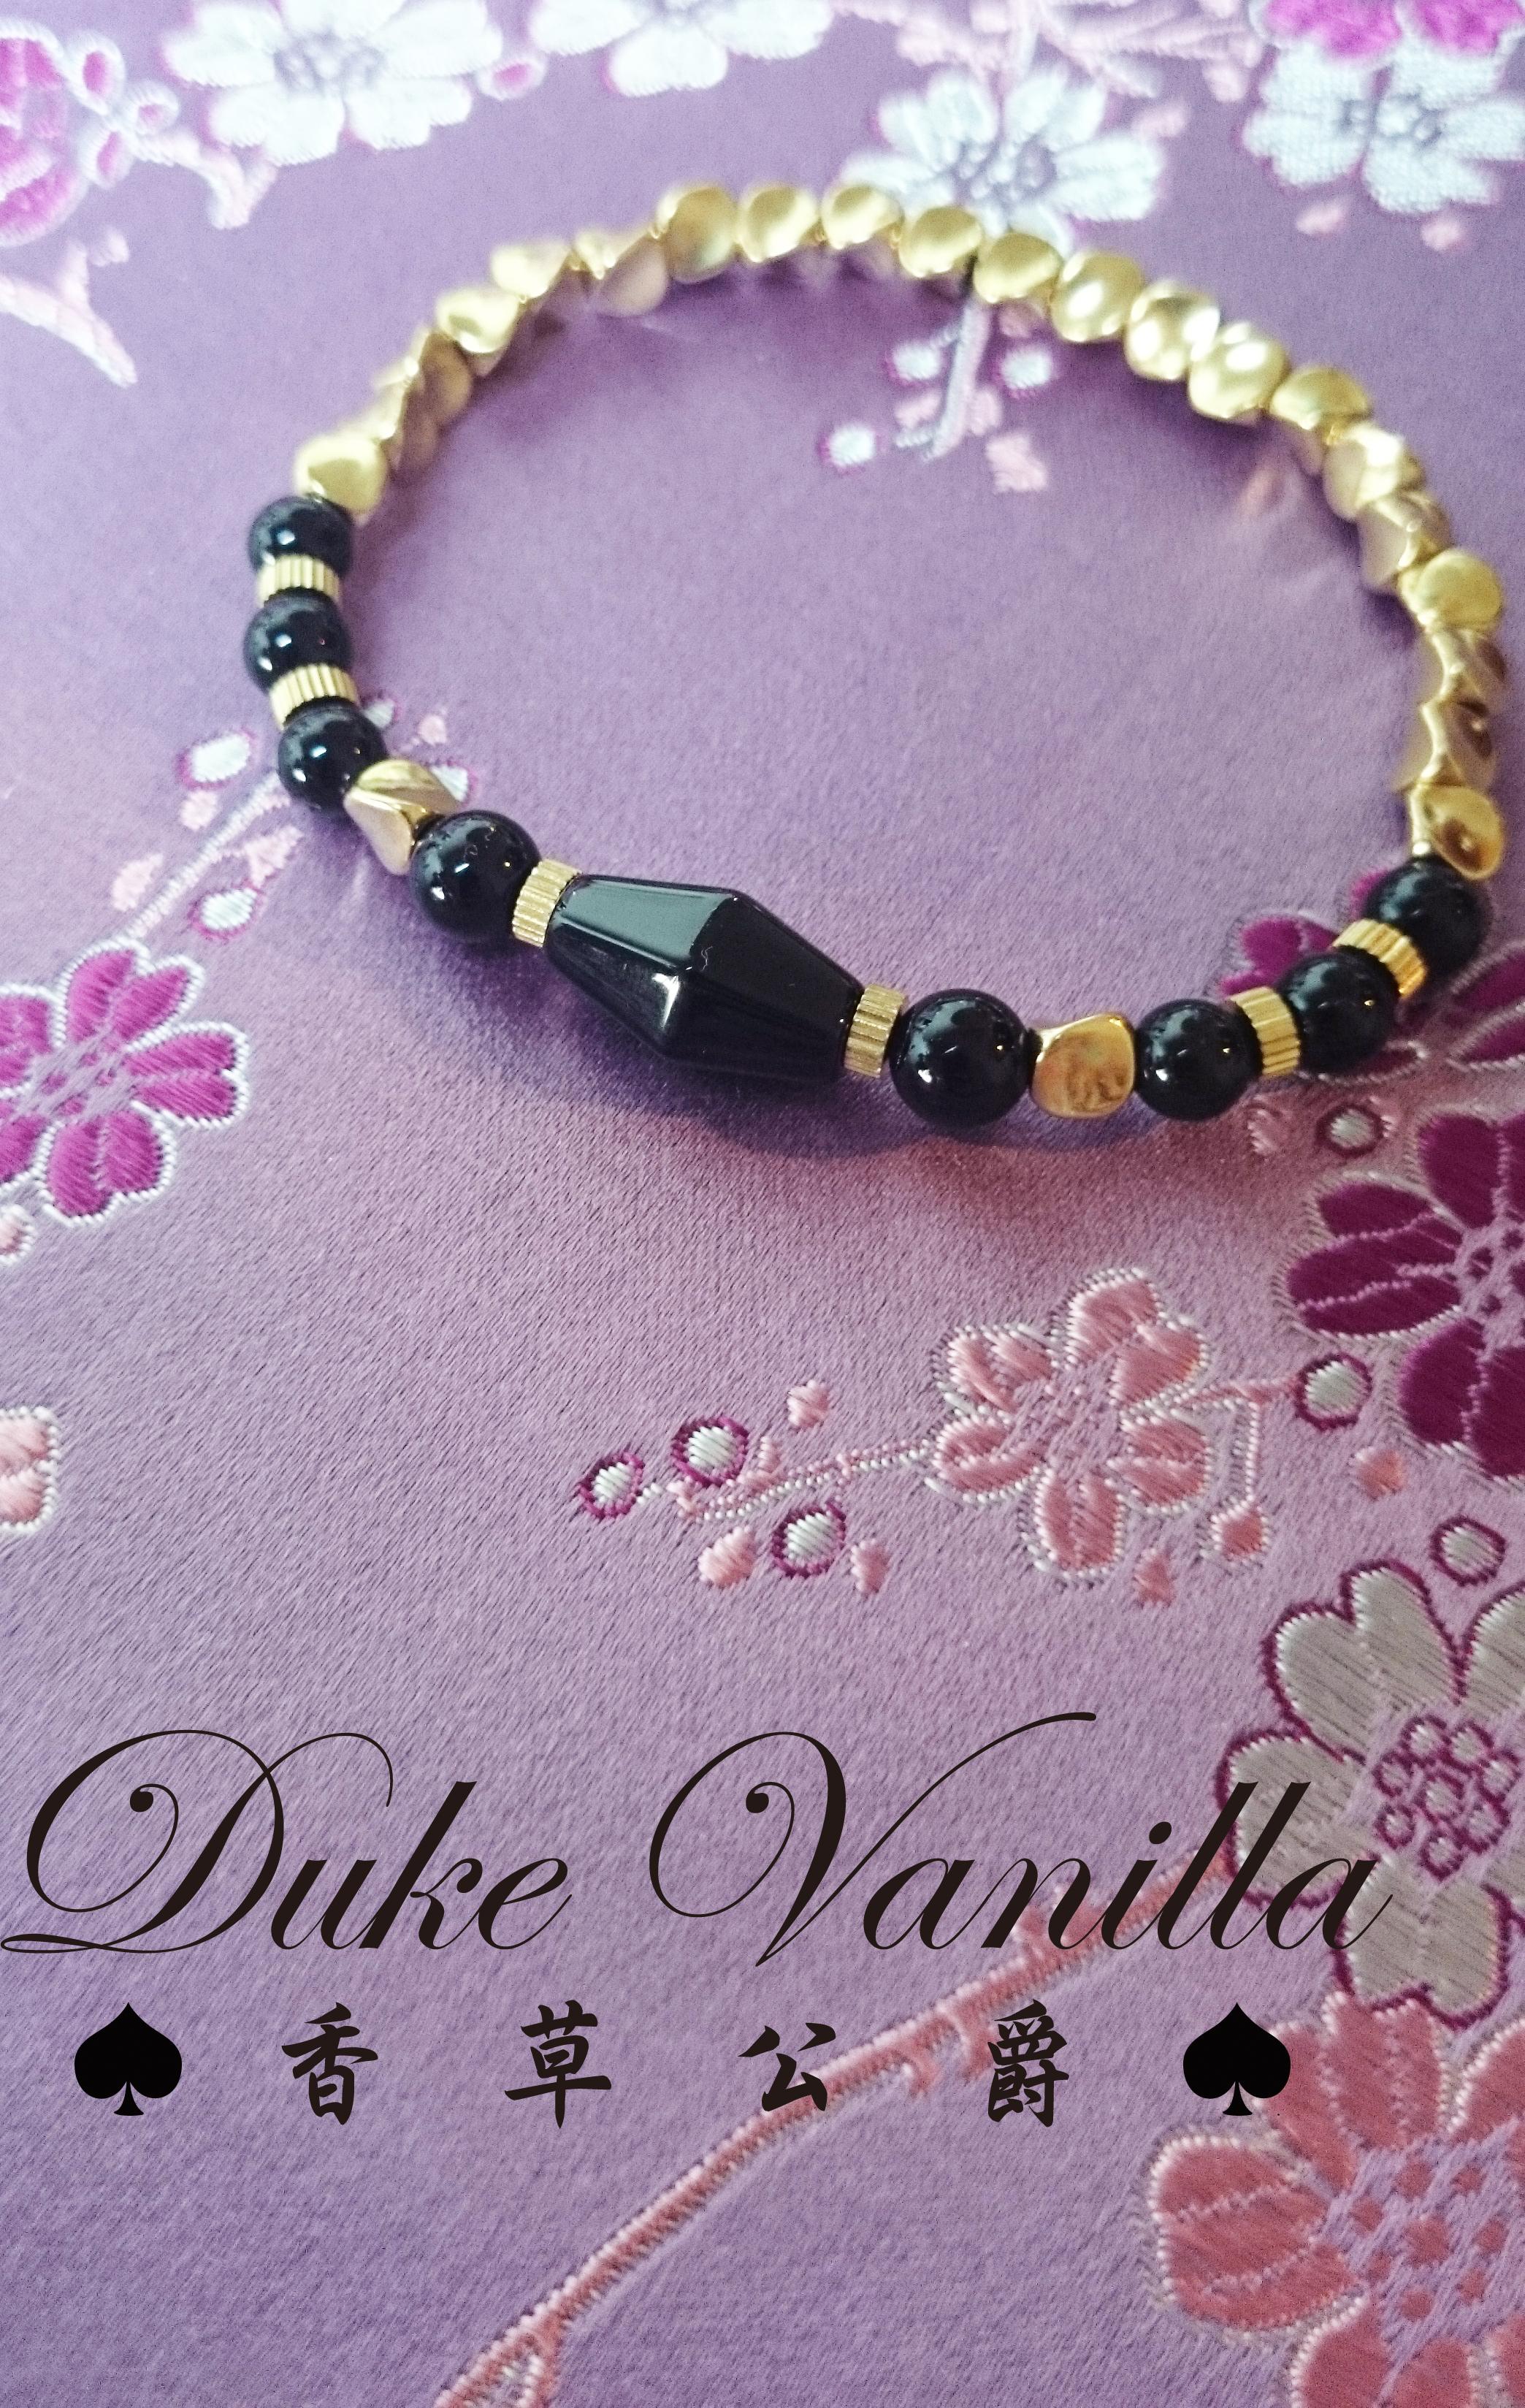 黃銅扭珠避邪黑瑪瑙角珠手環 - Duke Vanilla 香草公爵